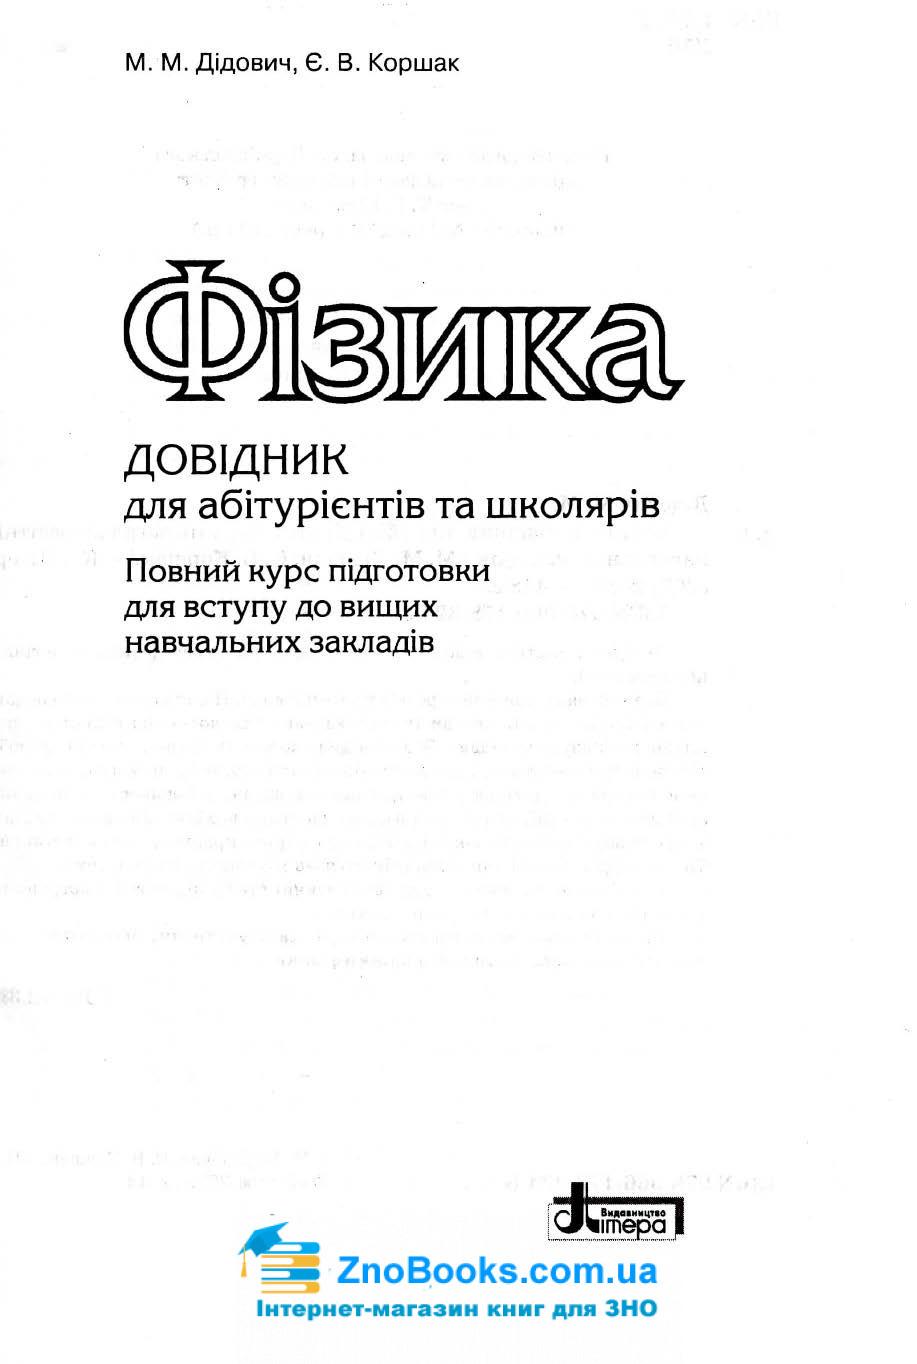 Фізика. Довідник для абітурієнтів та школярів : Дідович Н. Літера. купити 1